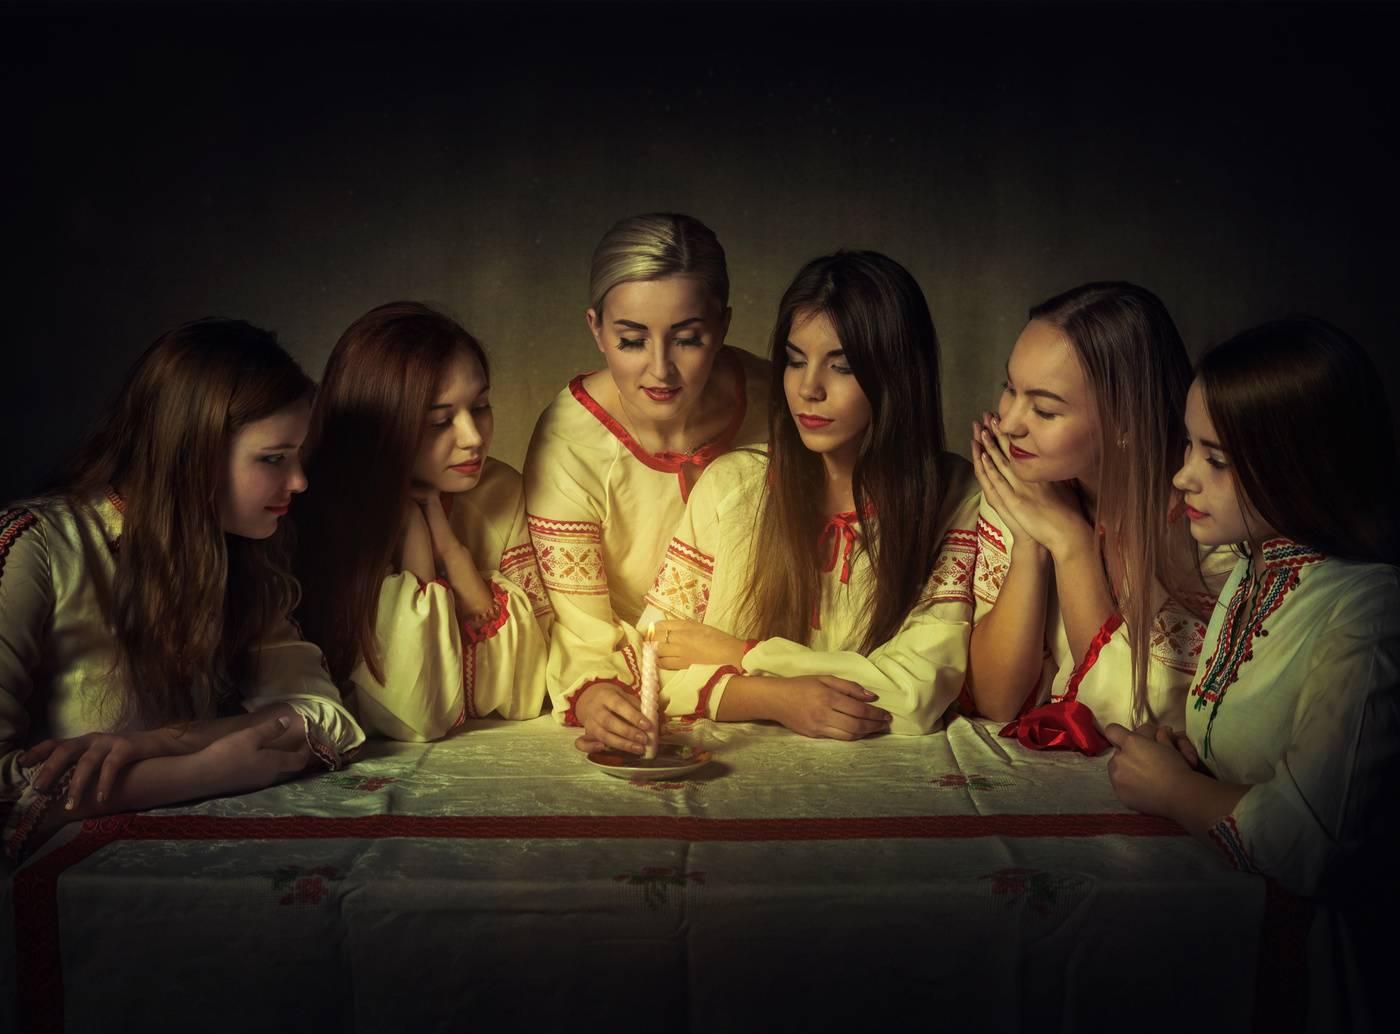 Святочные гадания: на суженого, на будущее, на желание, в кругу друзей